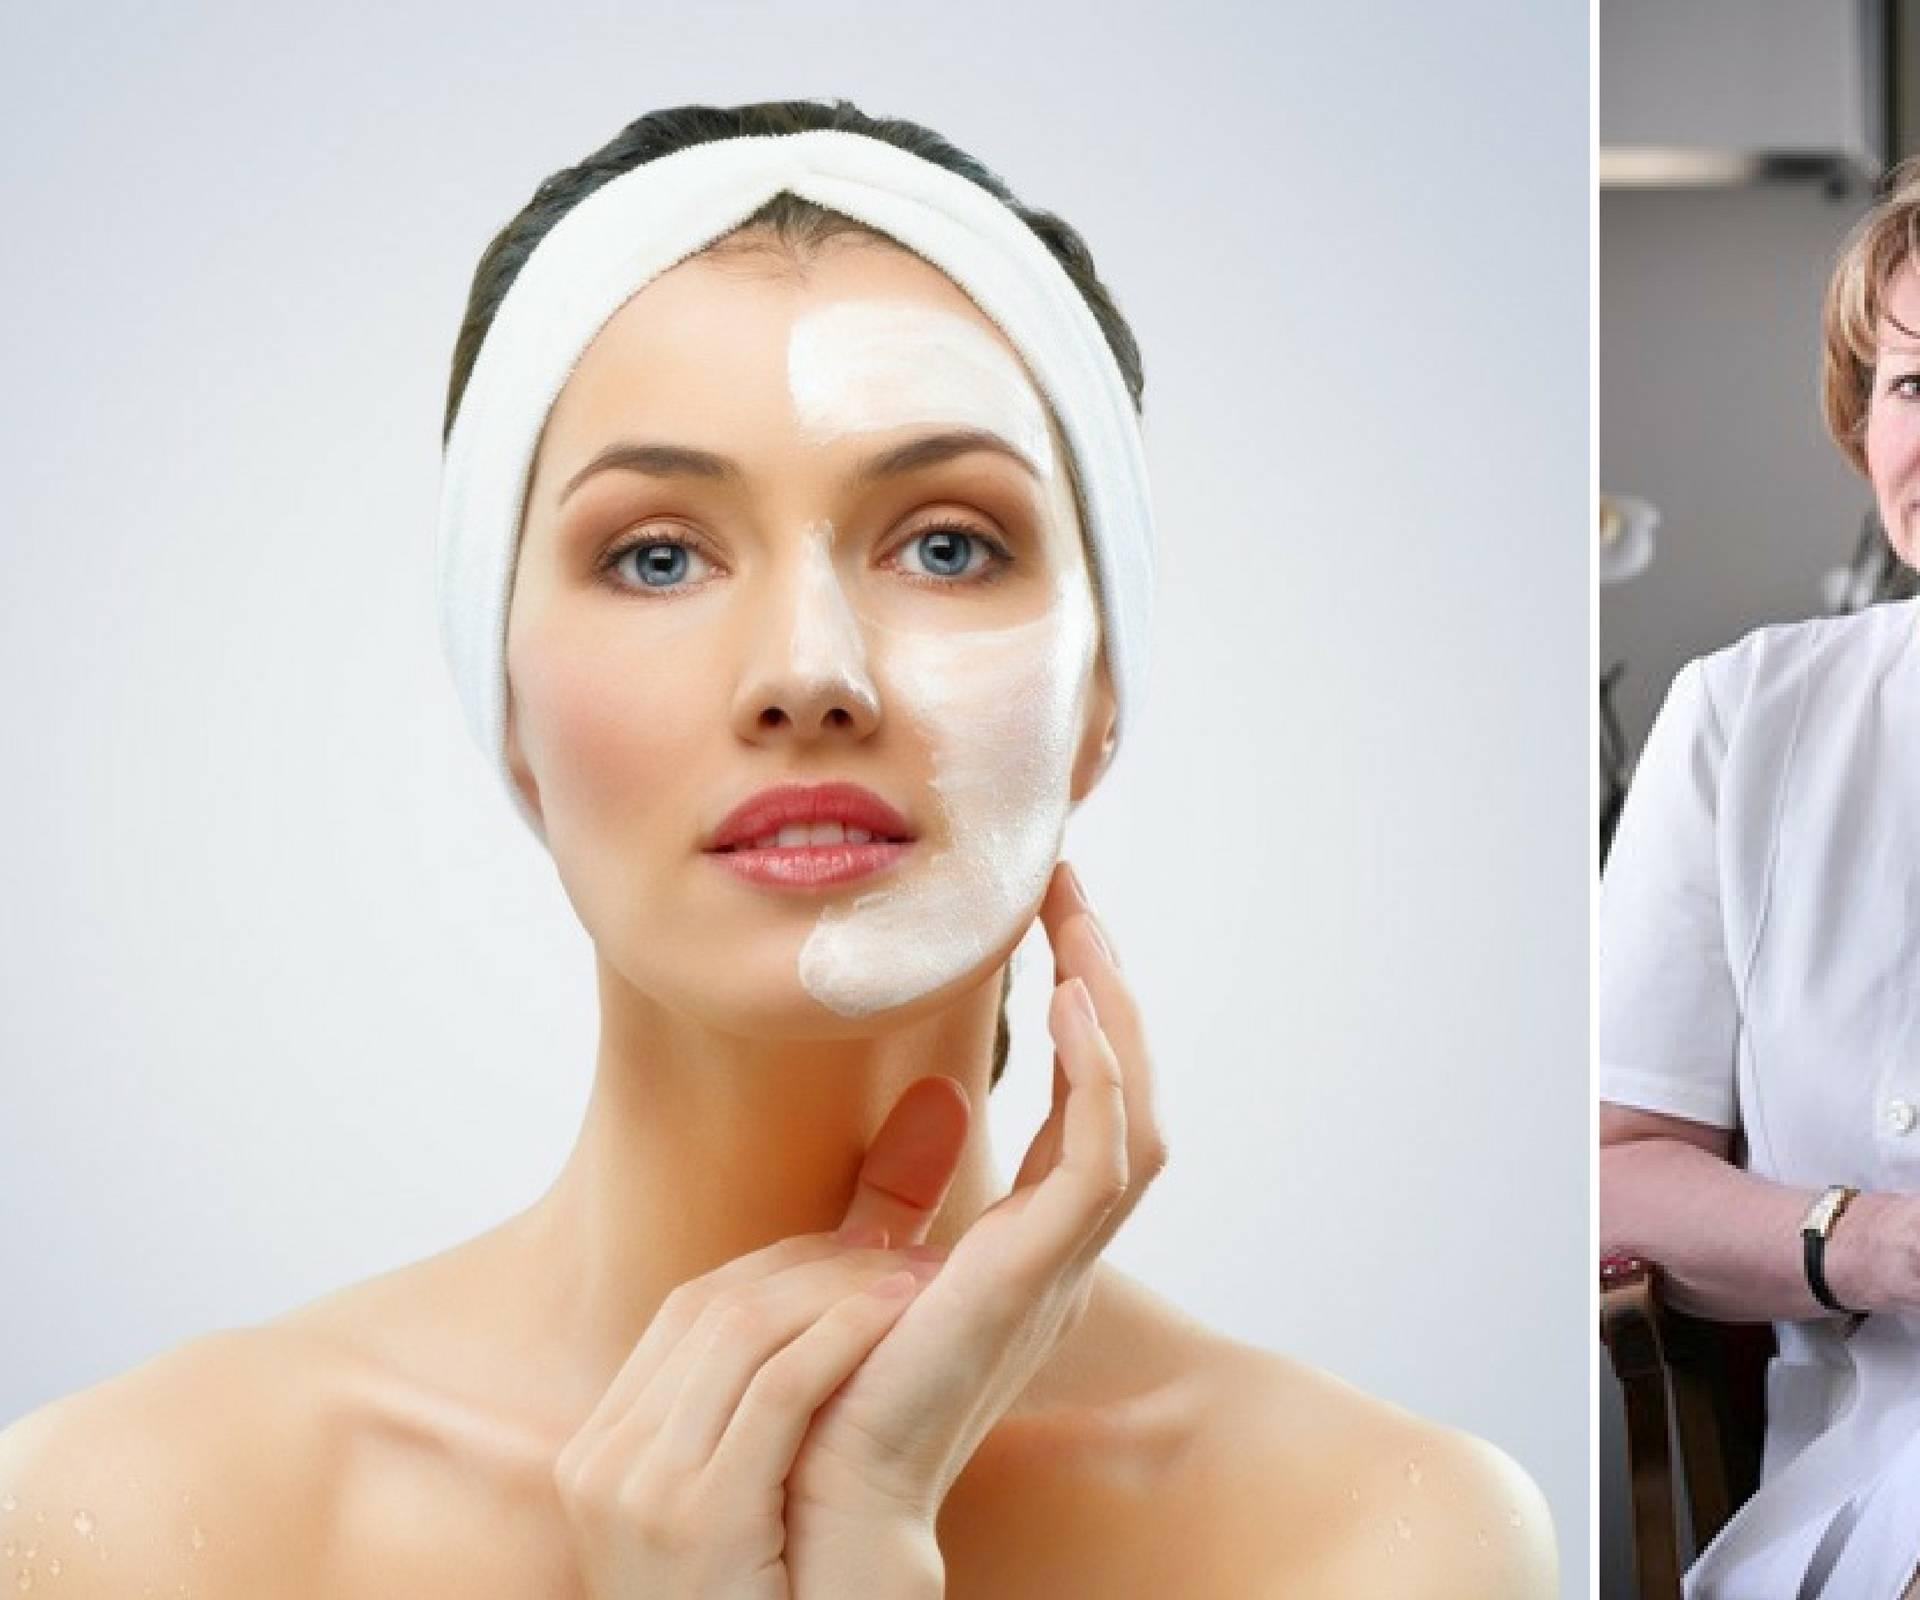 Praktični savjeti stručnjaka za lijepu i zdravu kožu ove zime